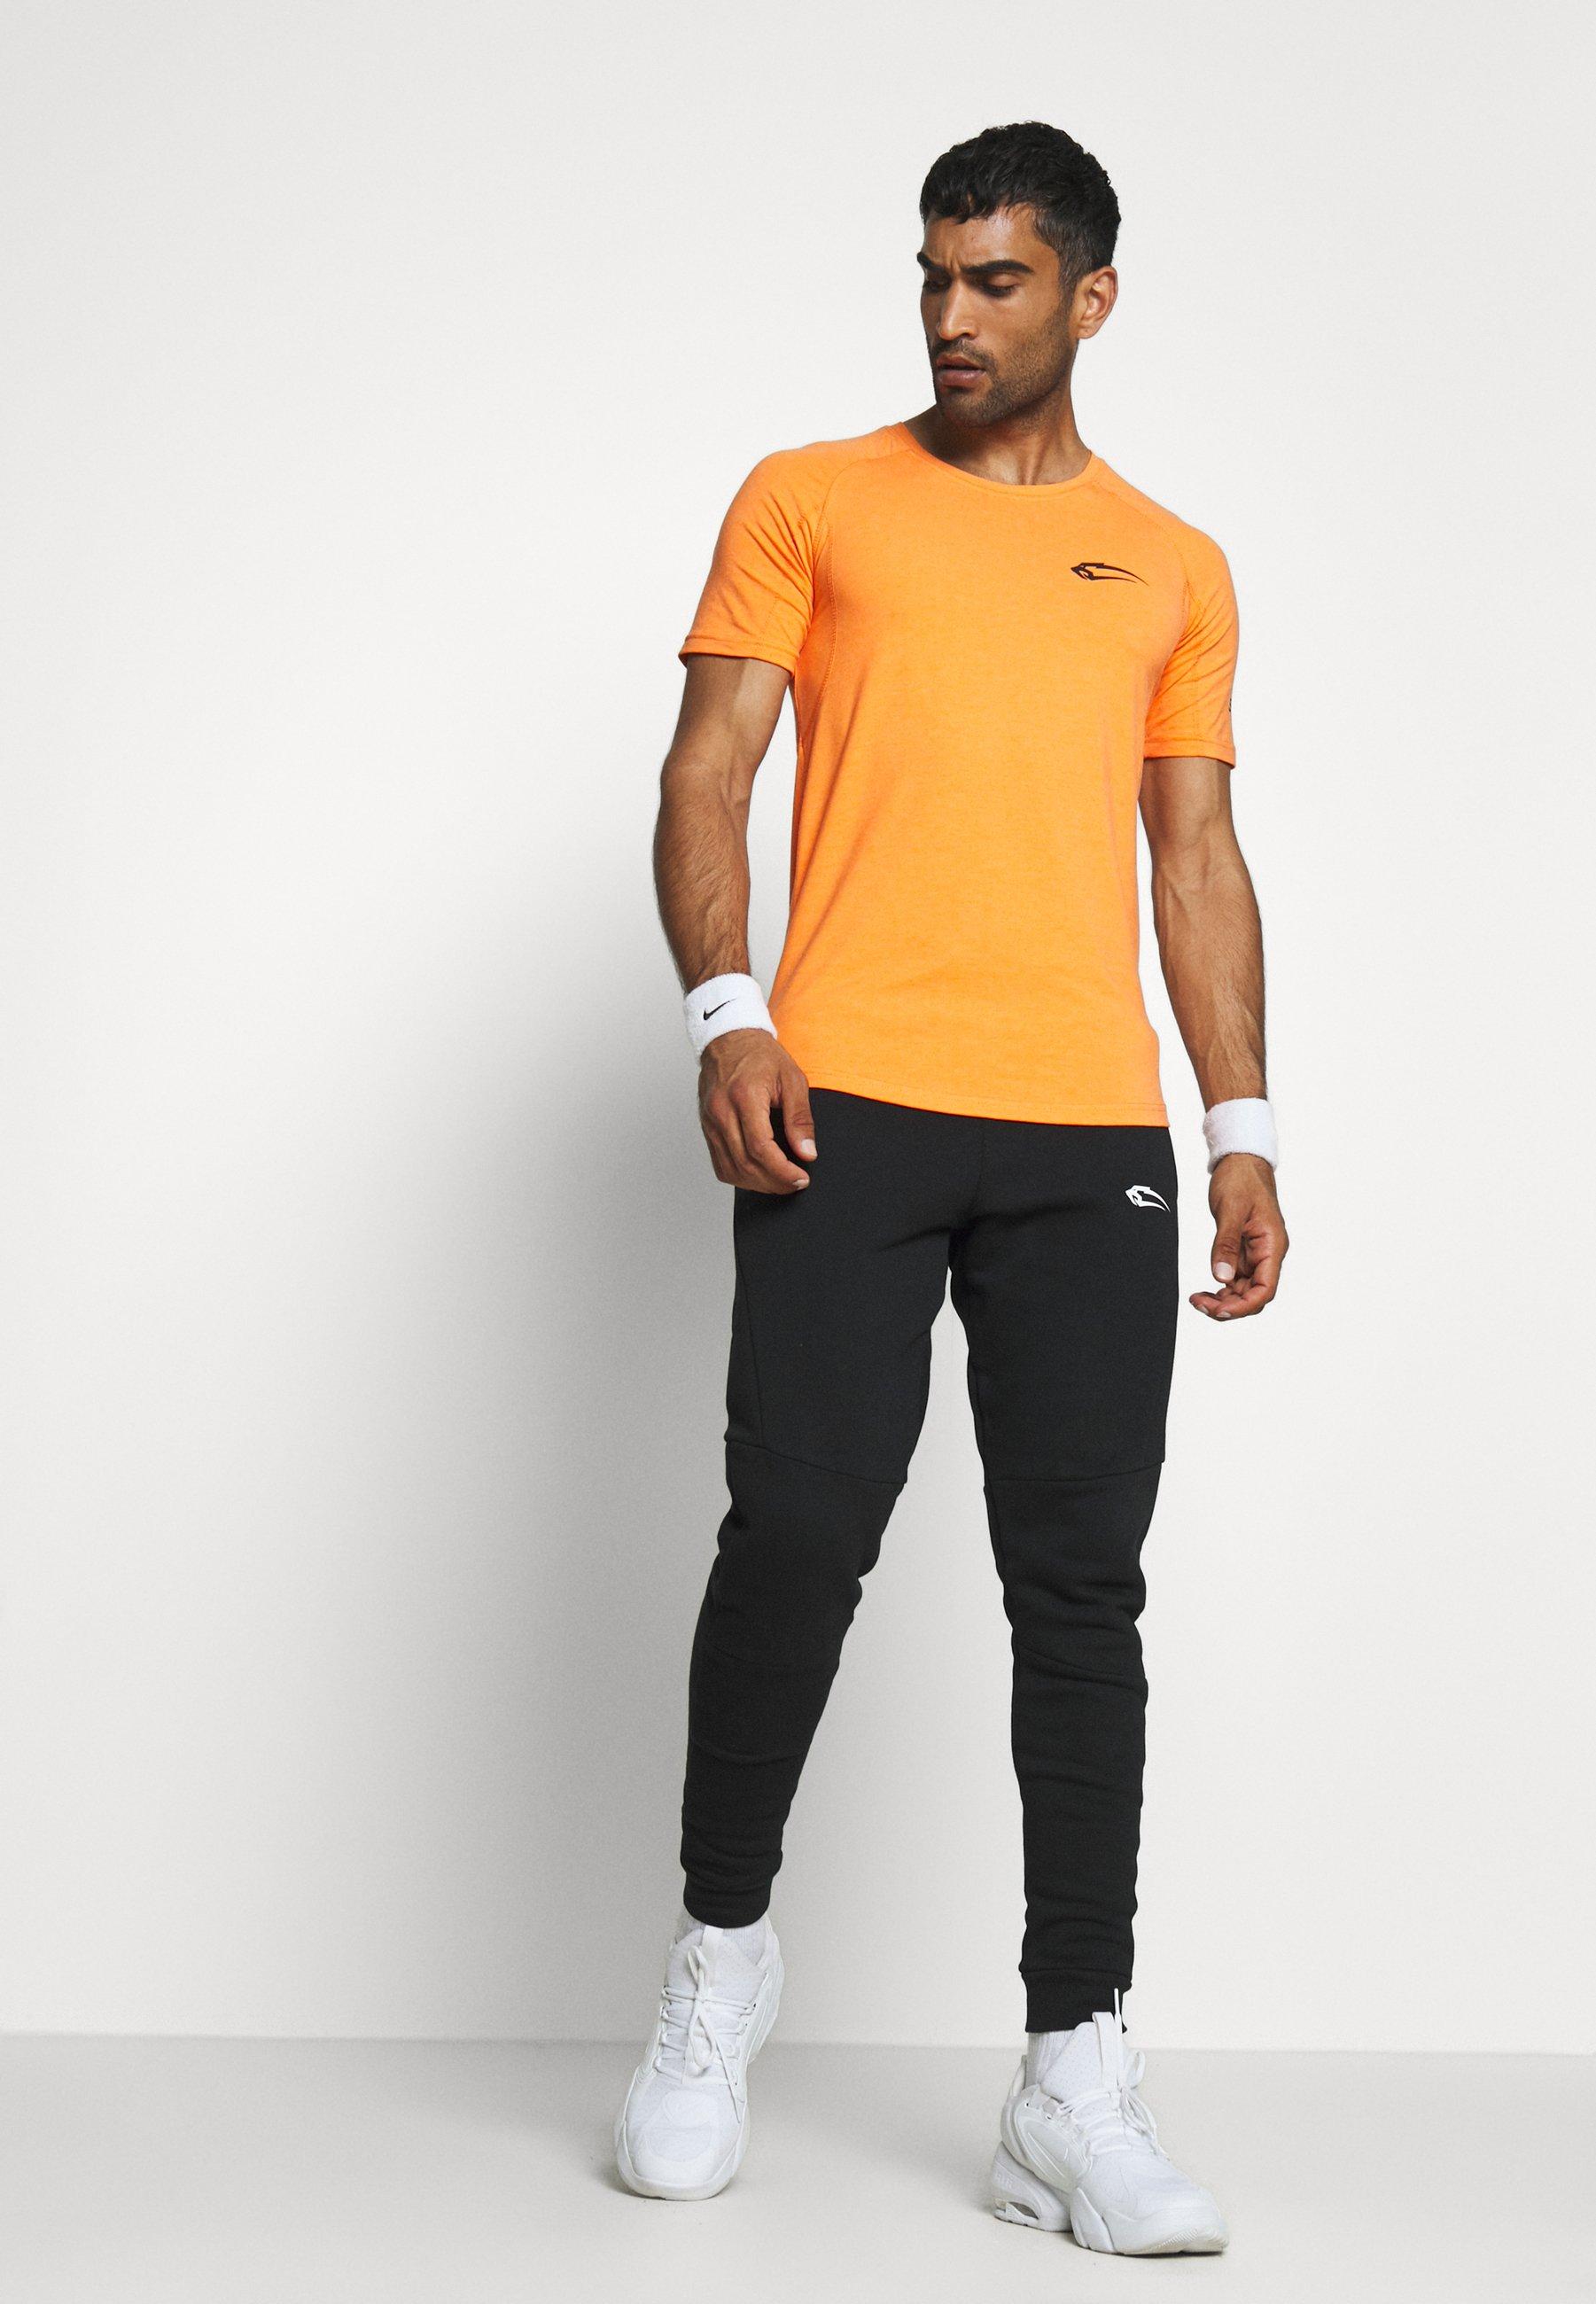 Smilodox Slim Fit - T-shirt Con Stampa Orange mqiI2